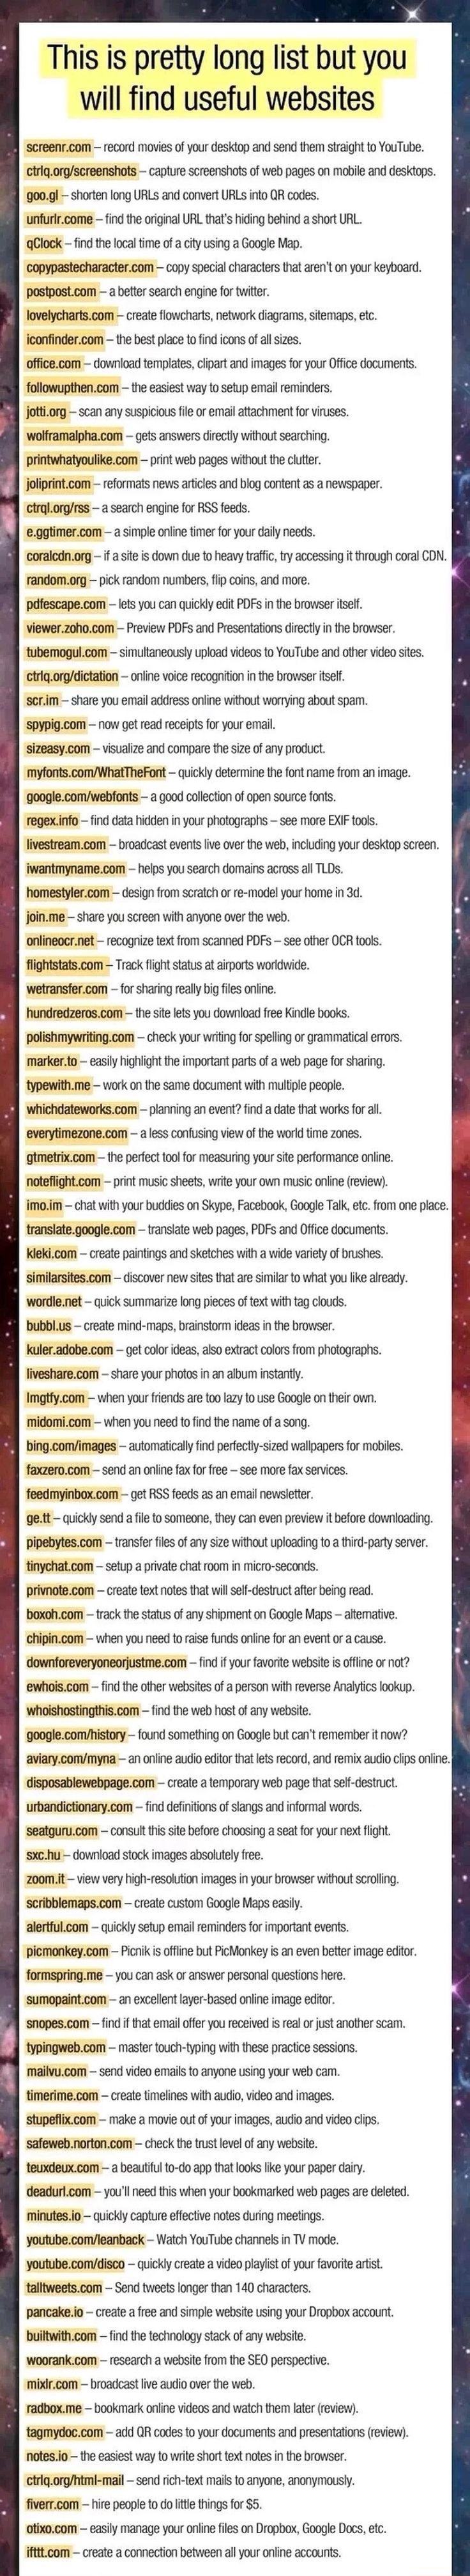 List of useful websites